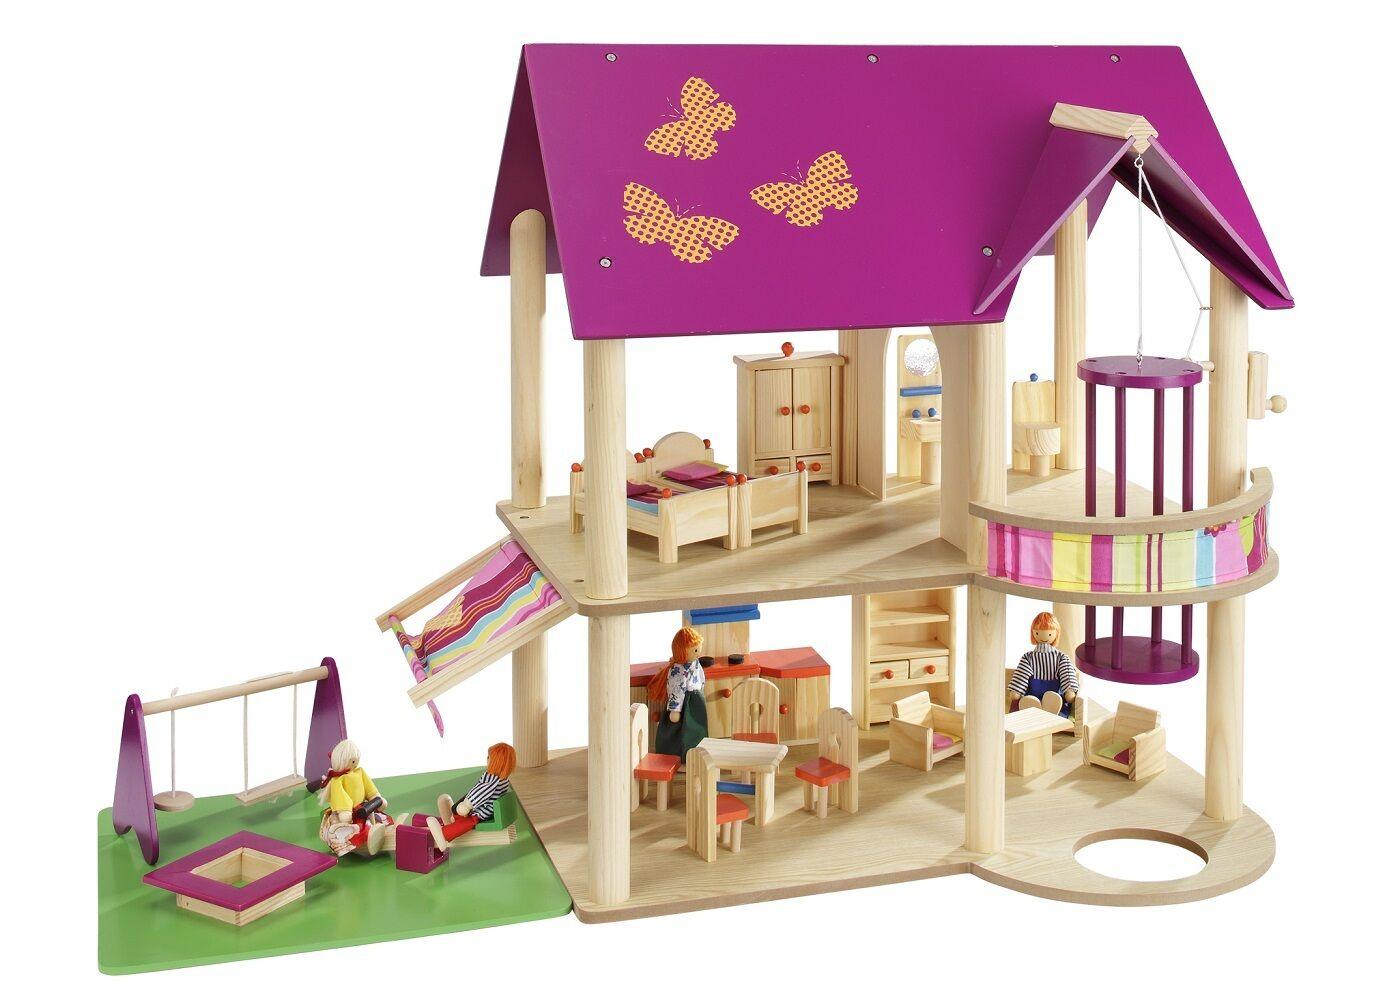 Howa casa delle bambole in legno incl. möbelset e bambole 4